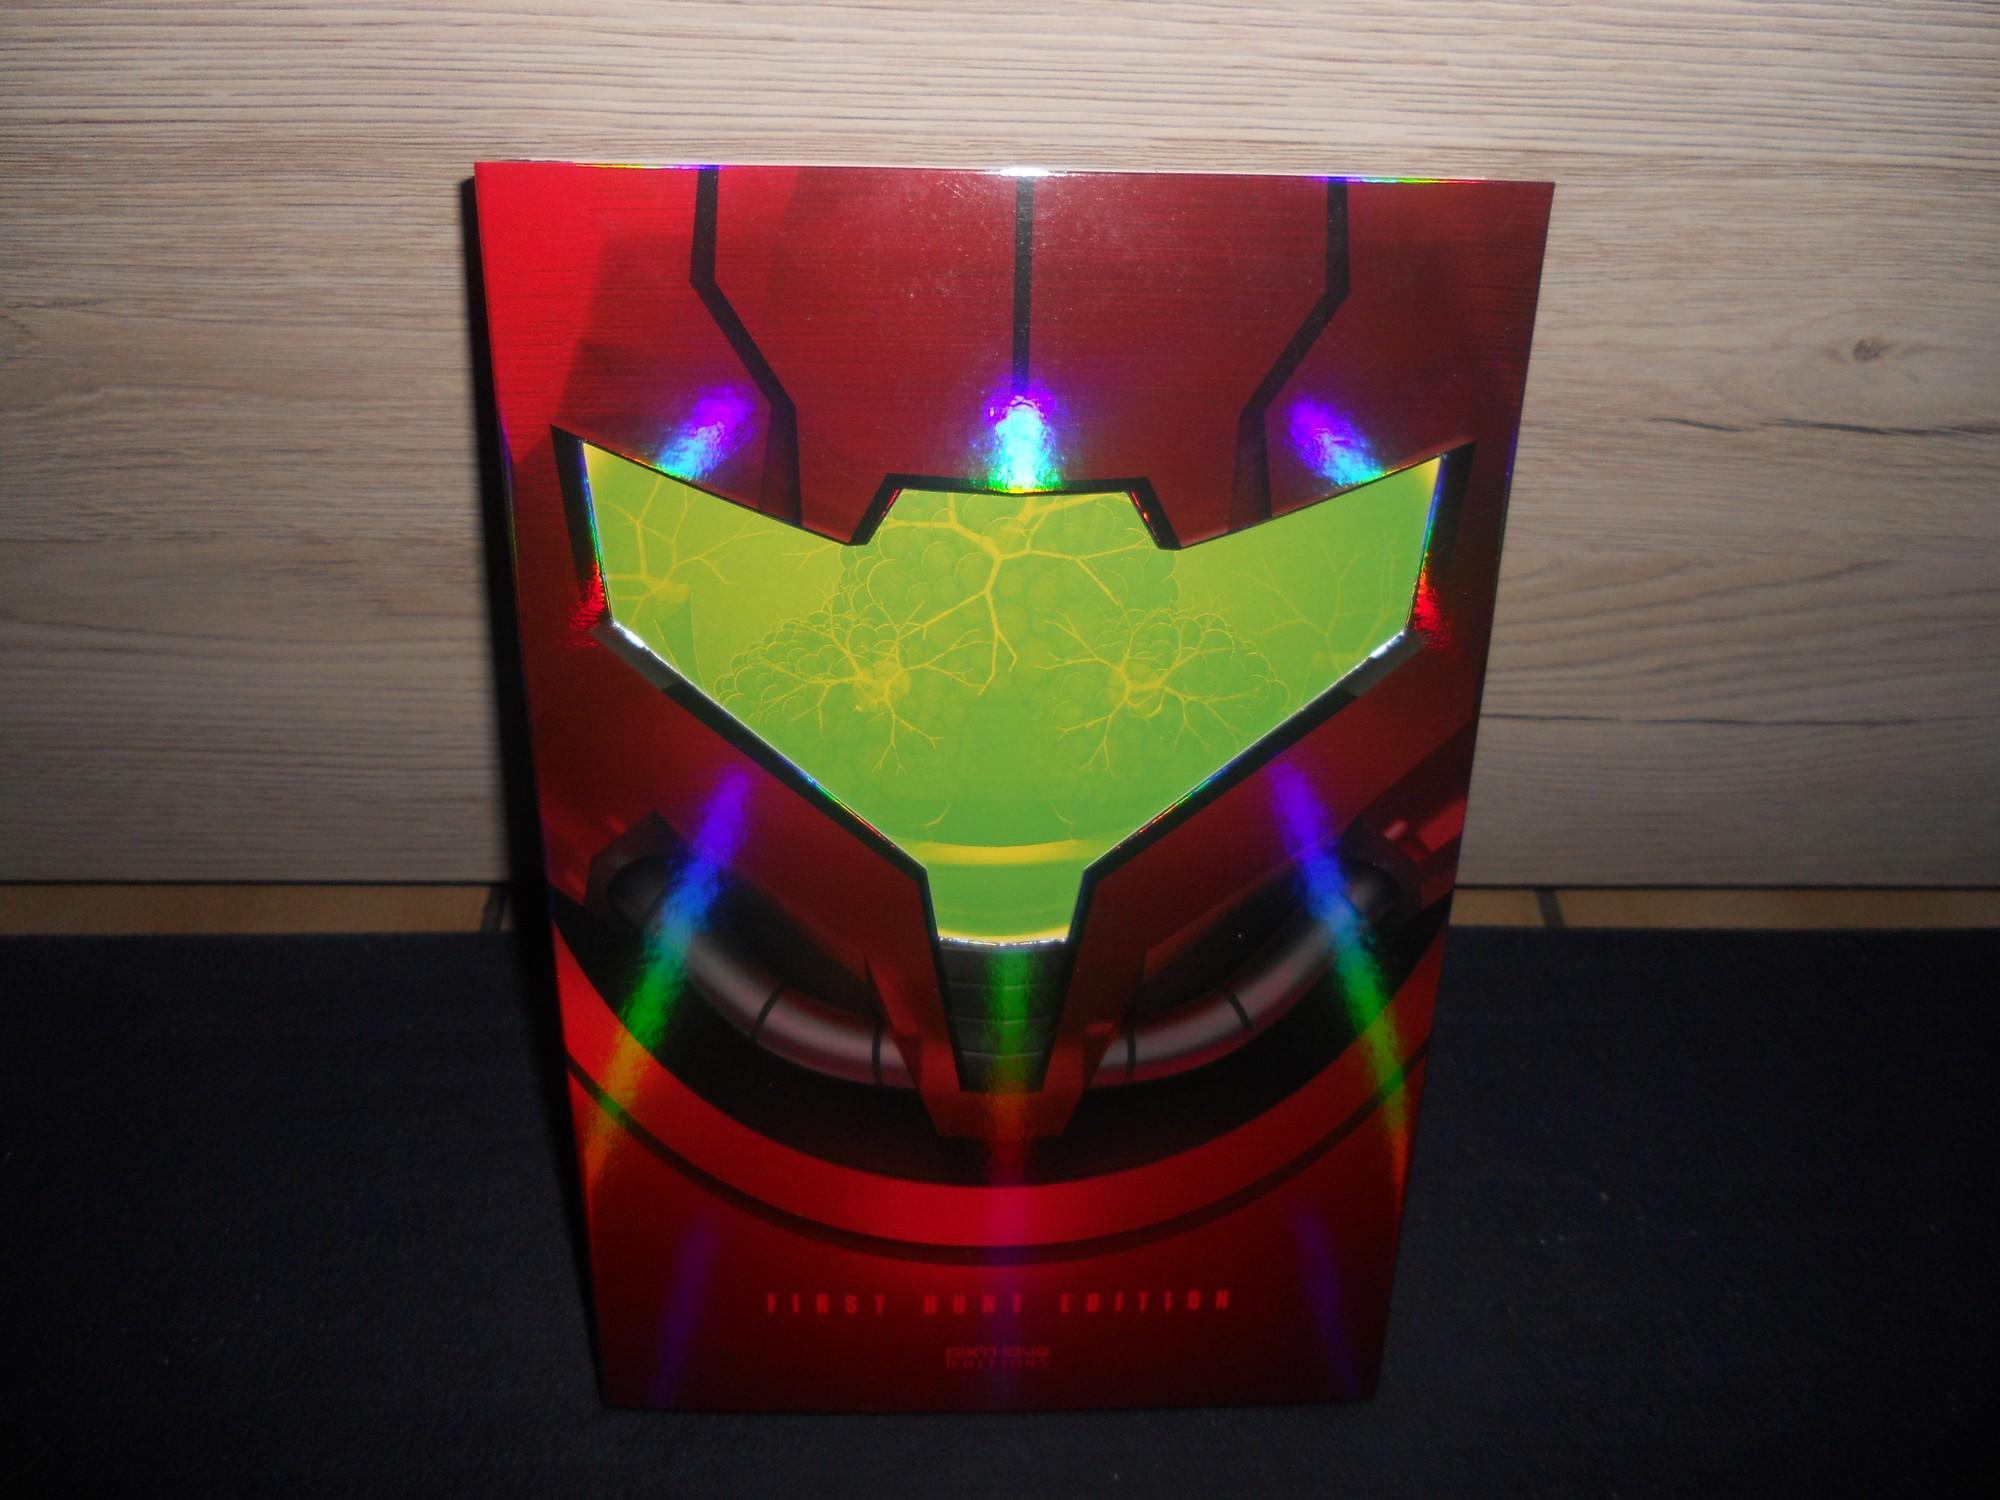 Guide Book, Mook, Mag, Livre 3i1hNR